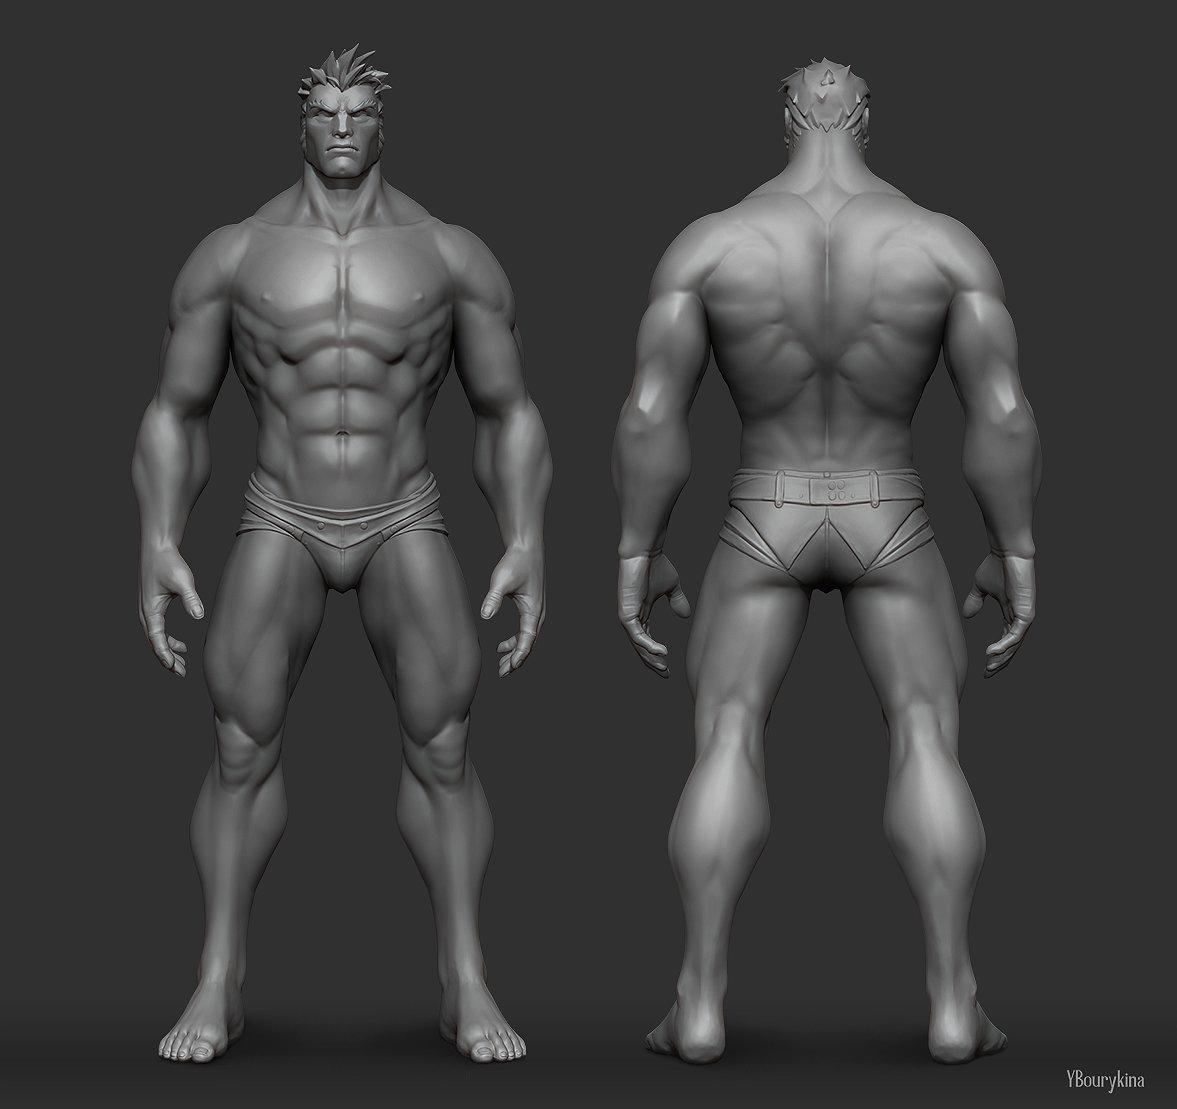 automob 3d anatomy tutorial - HD1177×1109